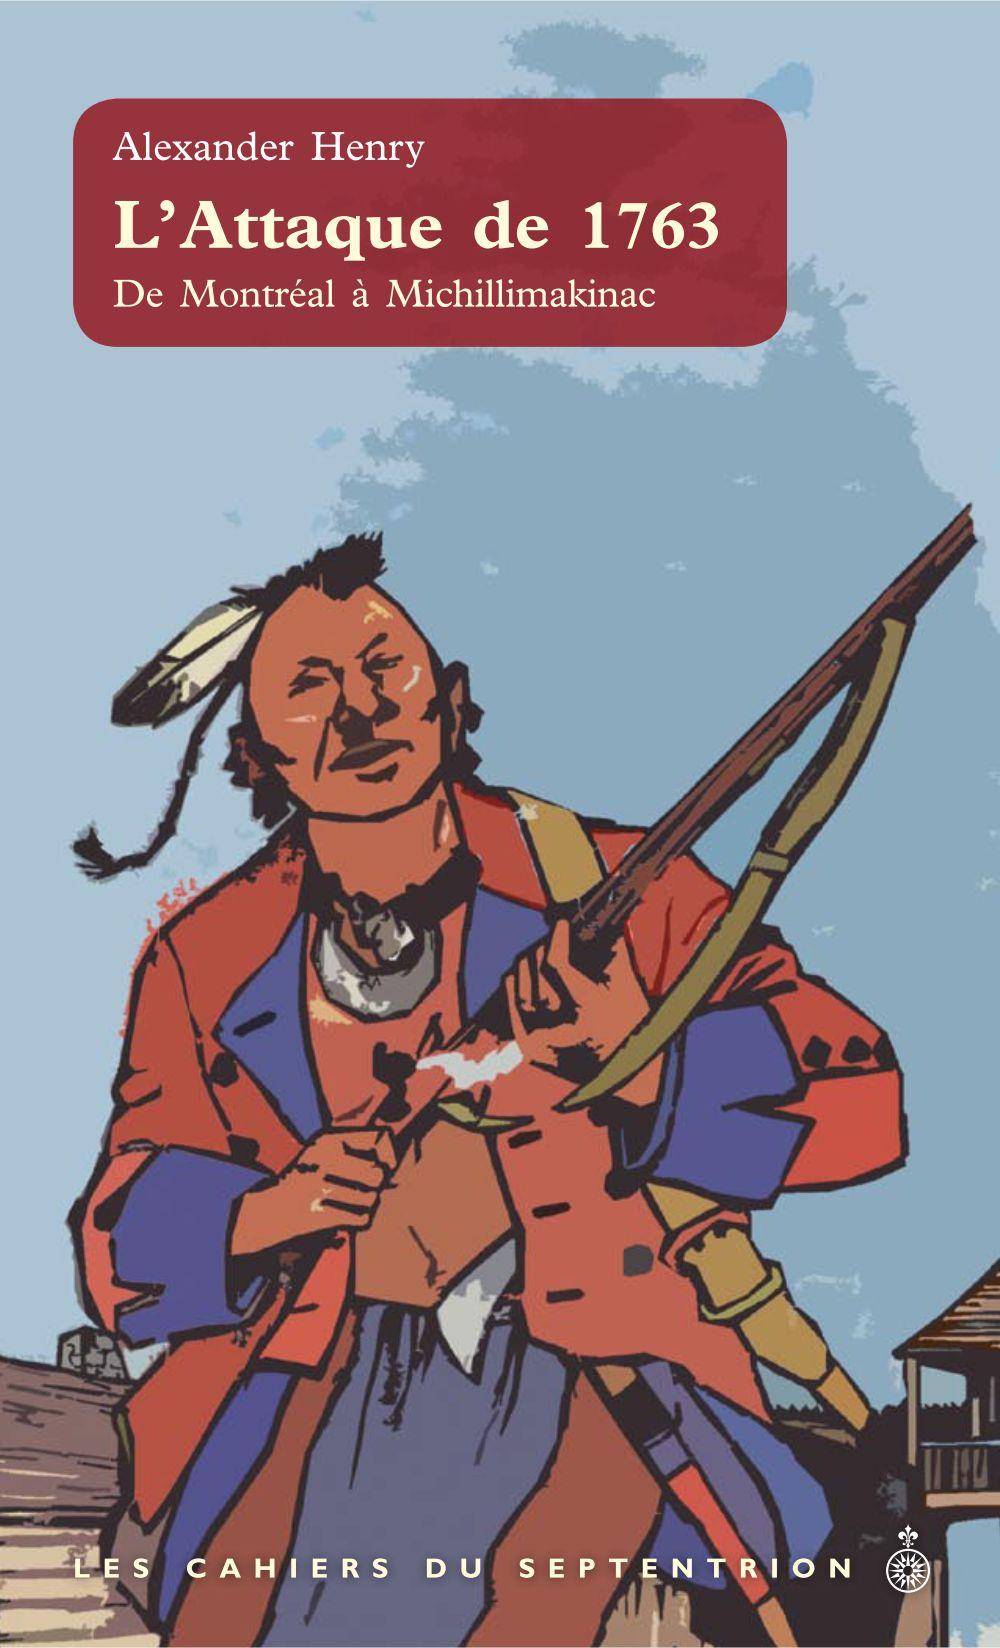 L'Attaque de 1763